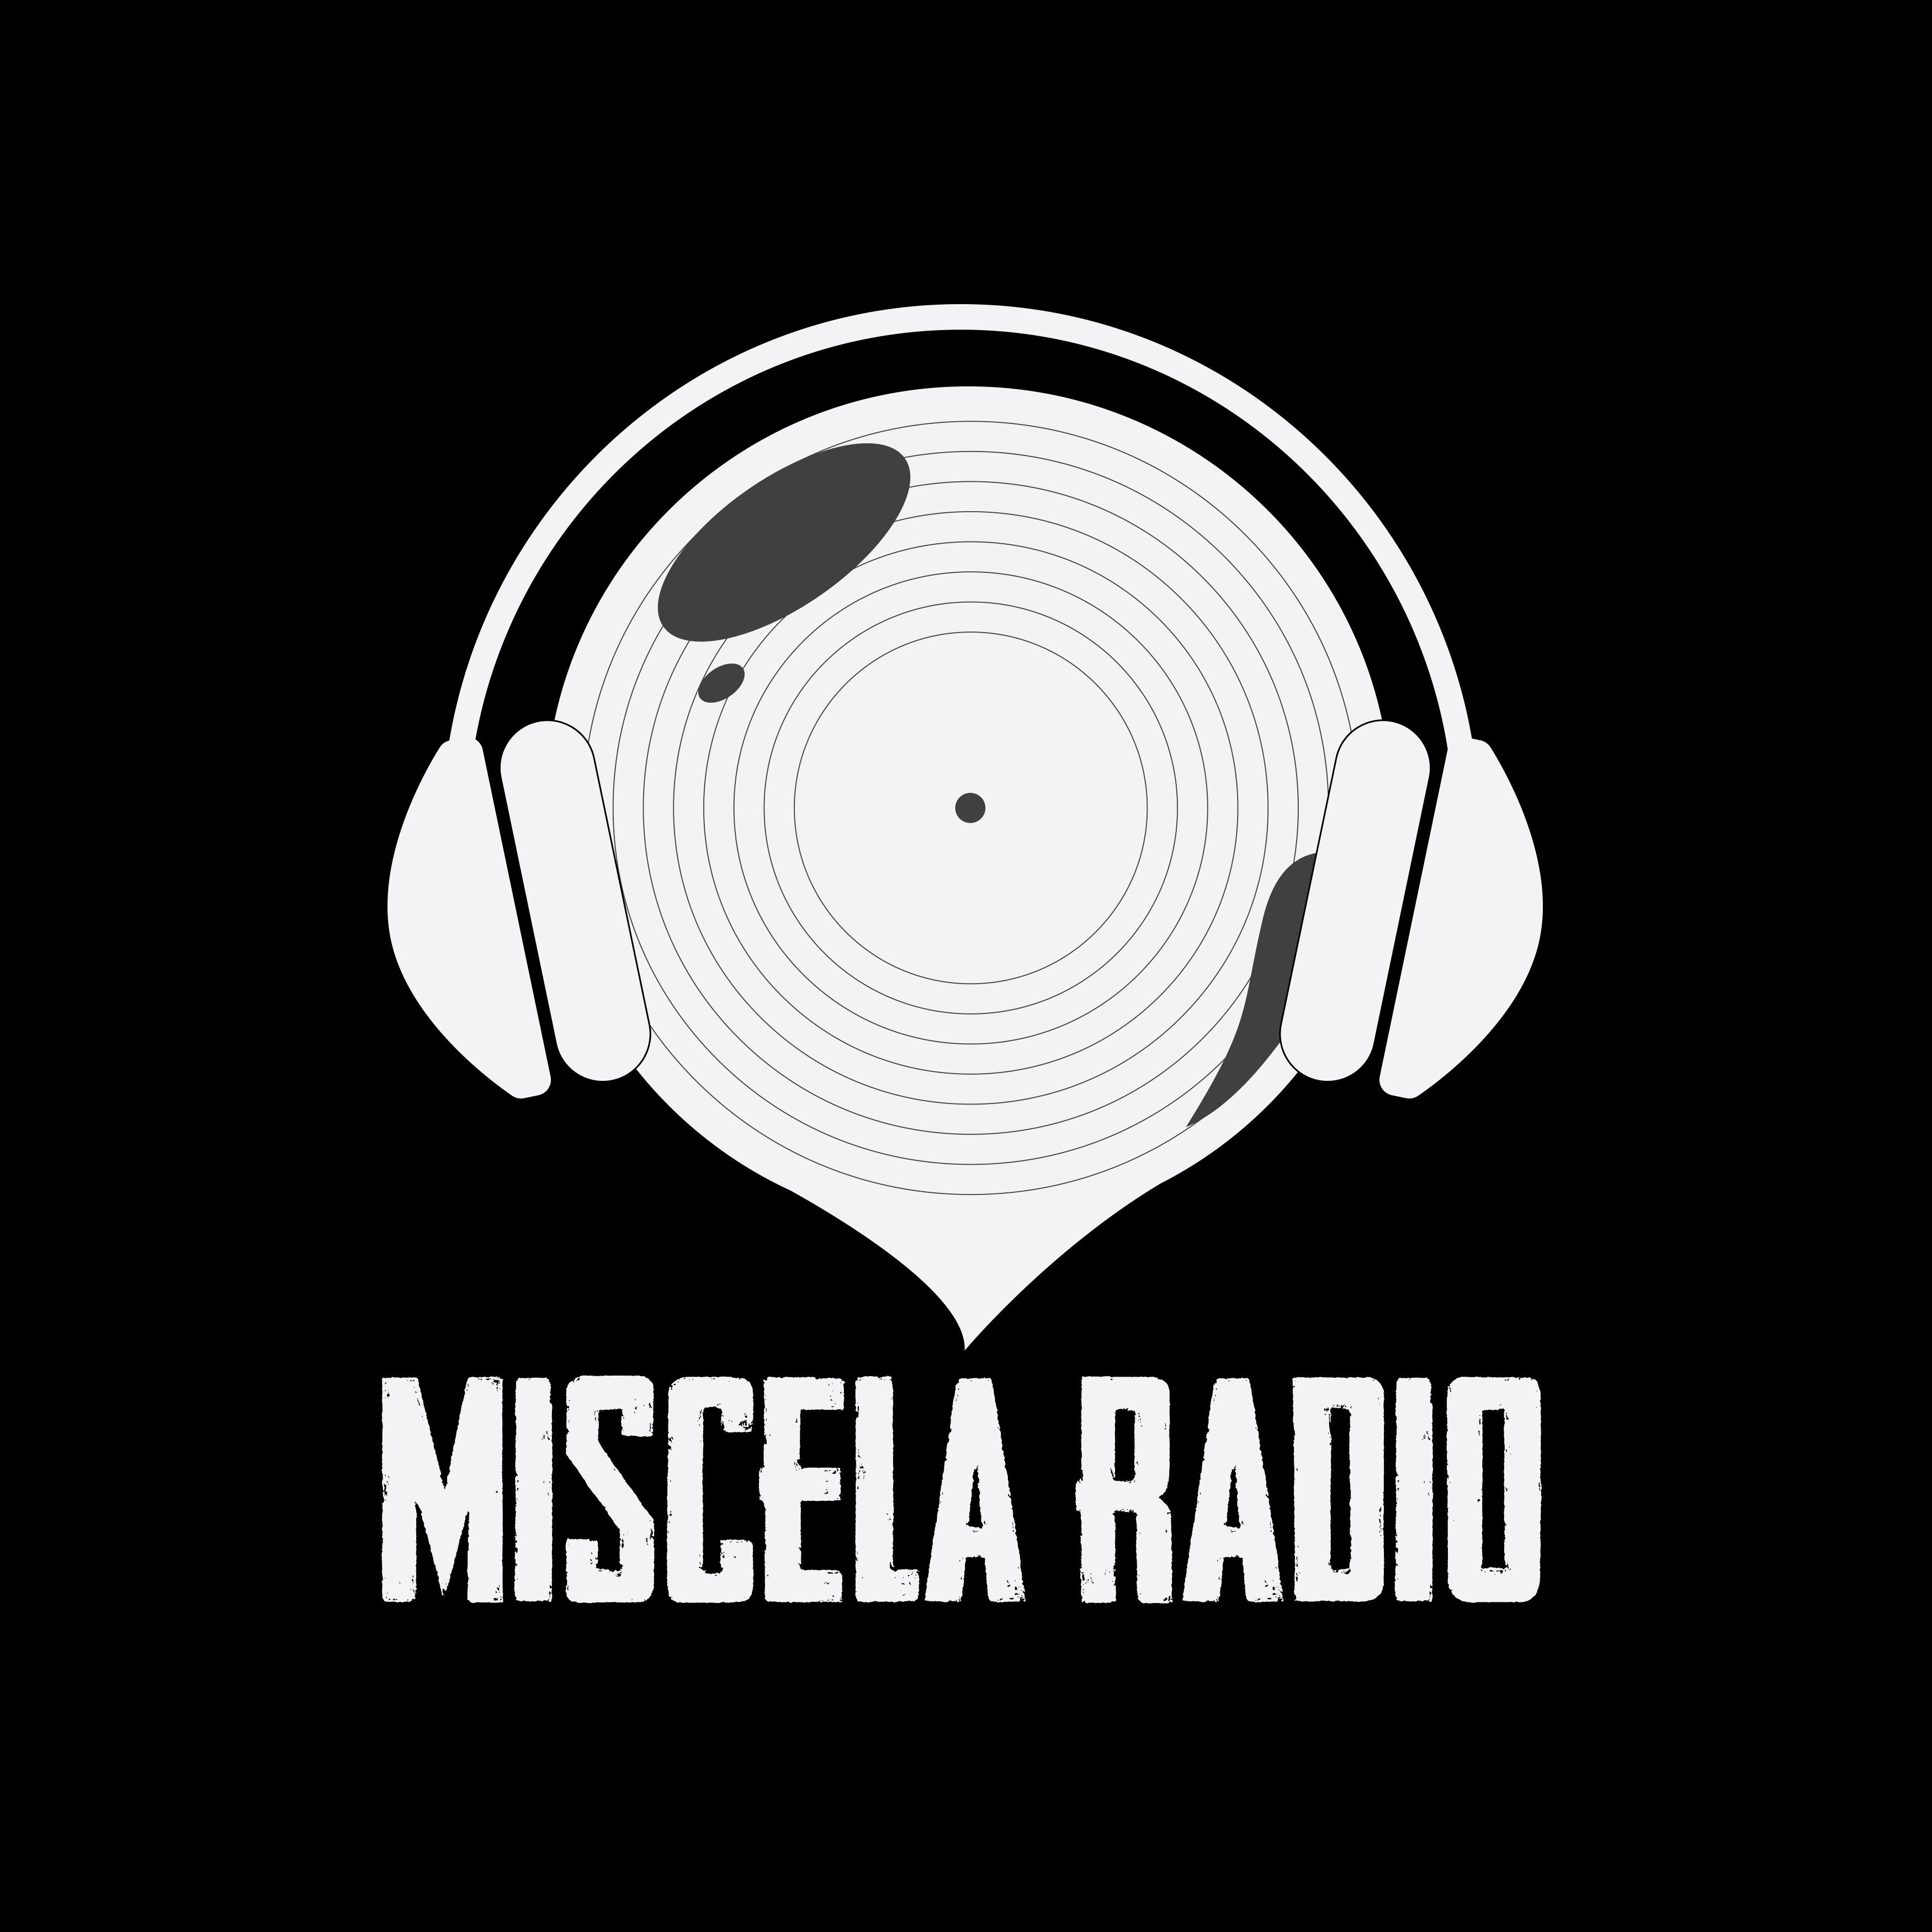 miscela_radio